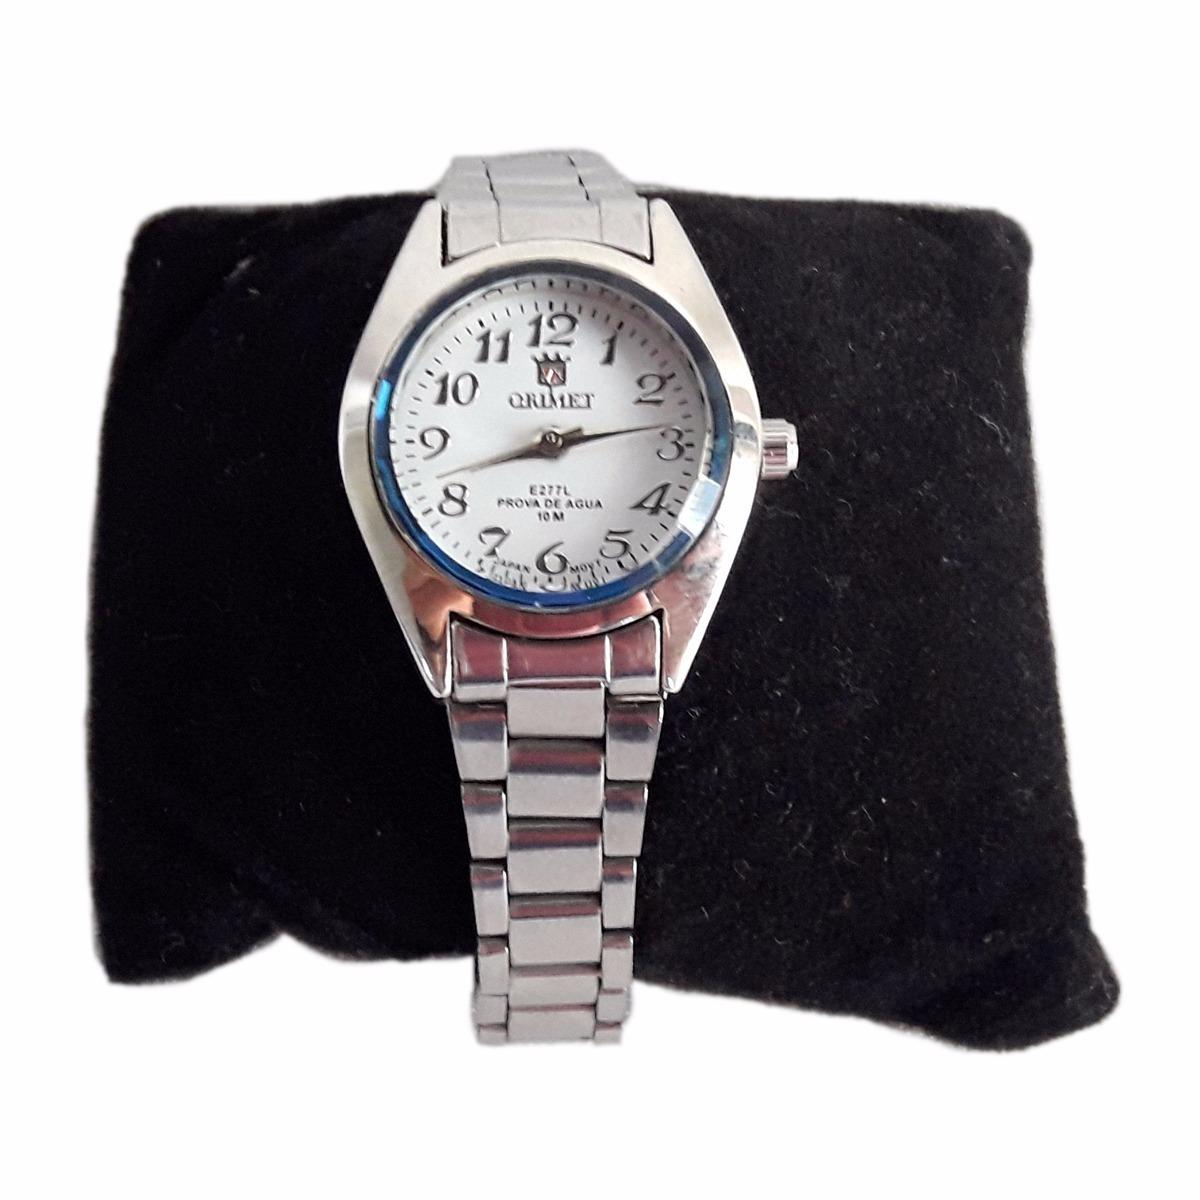 91a94206de0 relógio feminino pequeno aço barato pronta entrega. Carregando zoom.